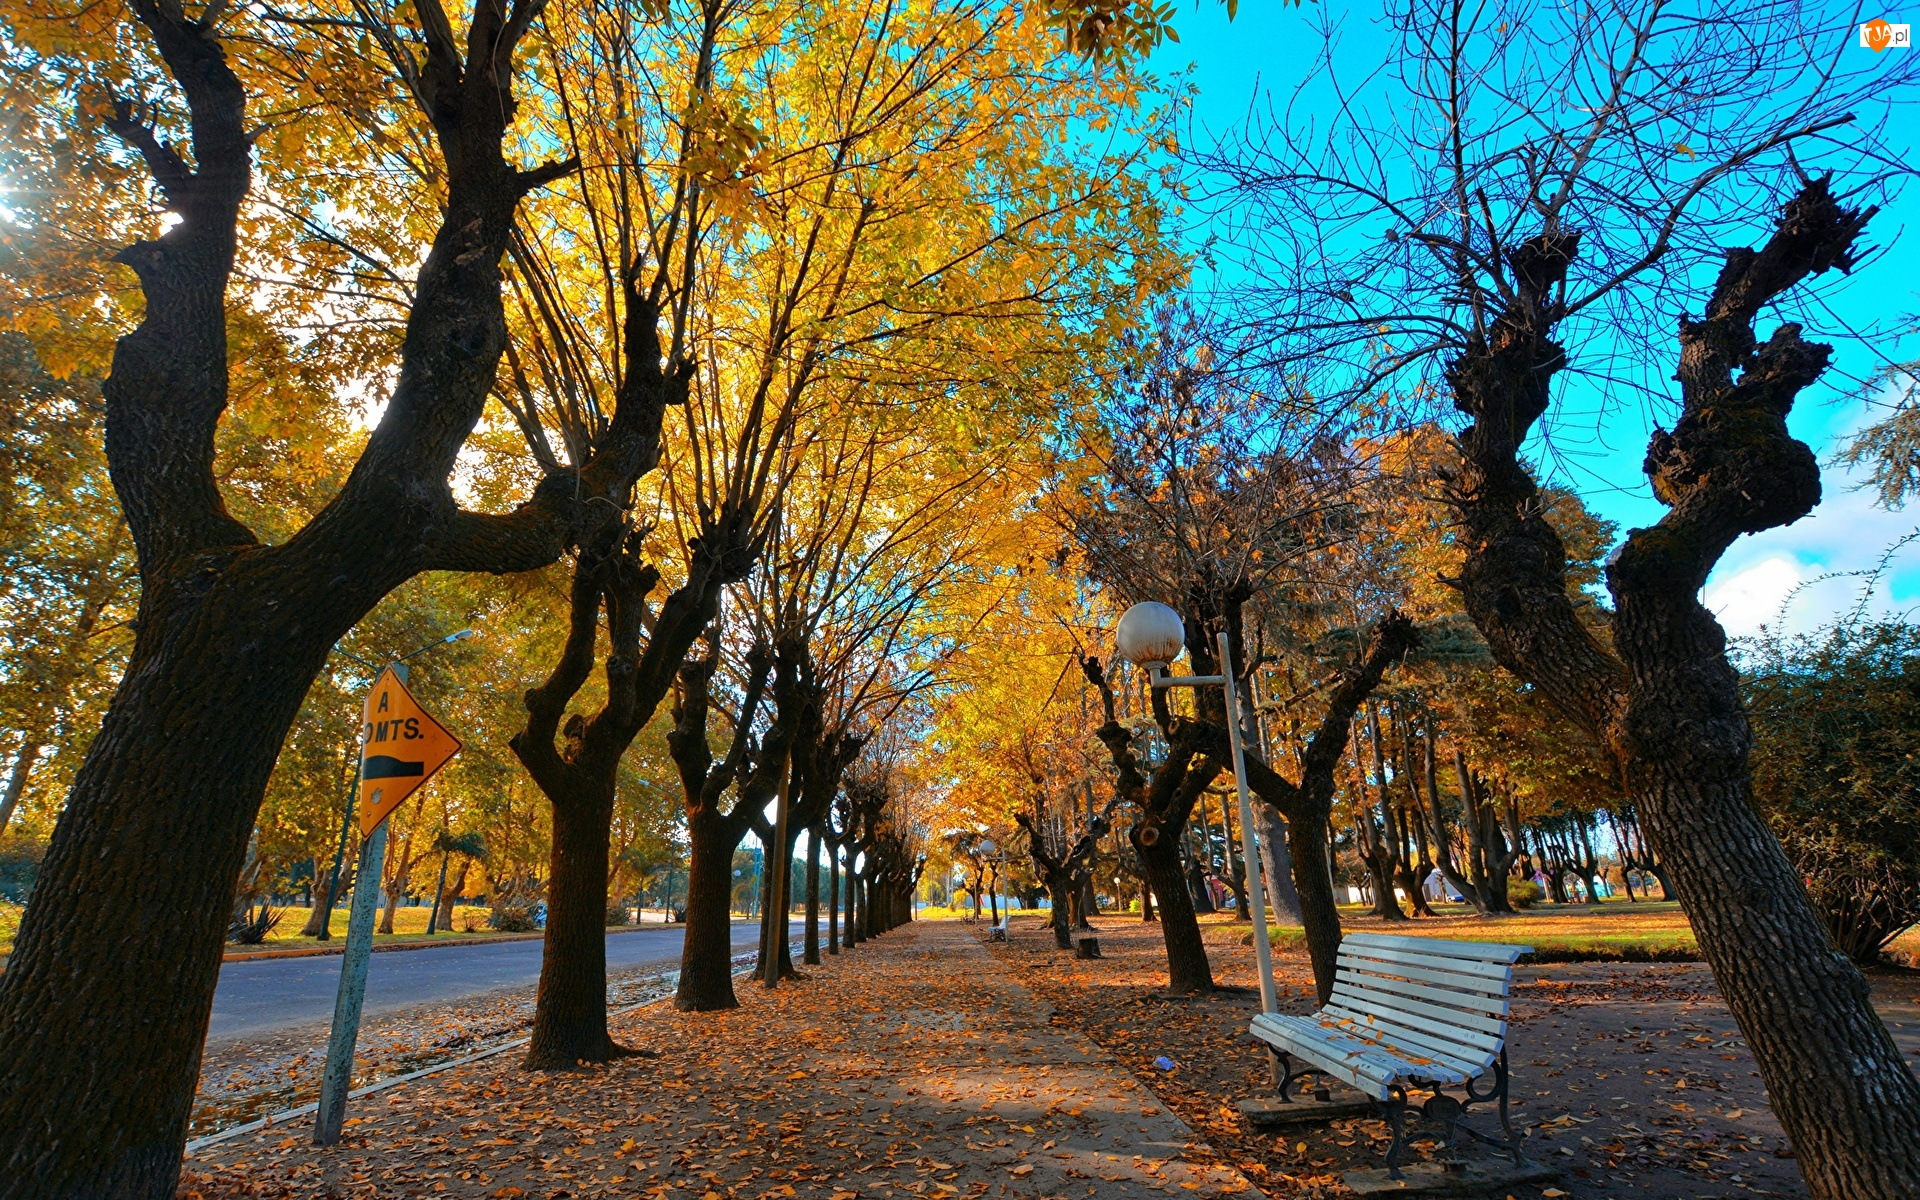 Chodnik, Drzewa, Latarnie, Jesień, Ławka, Liście, Pożółkłe